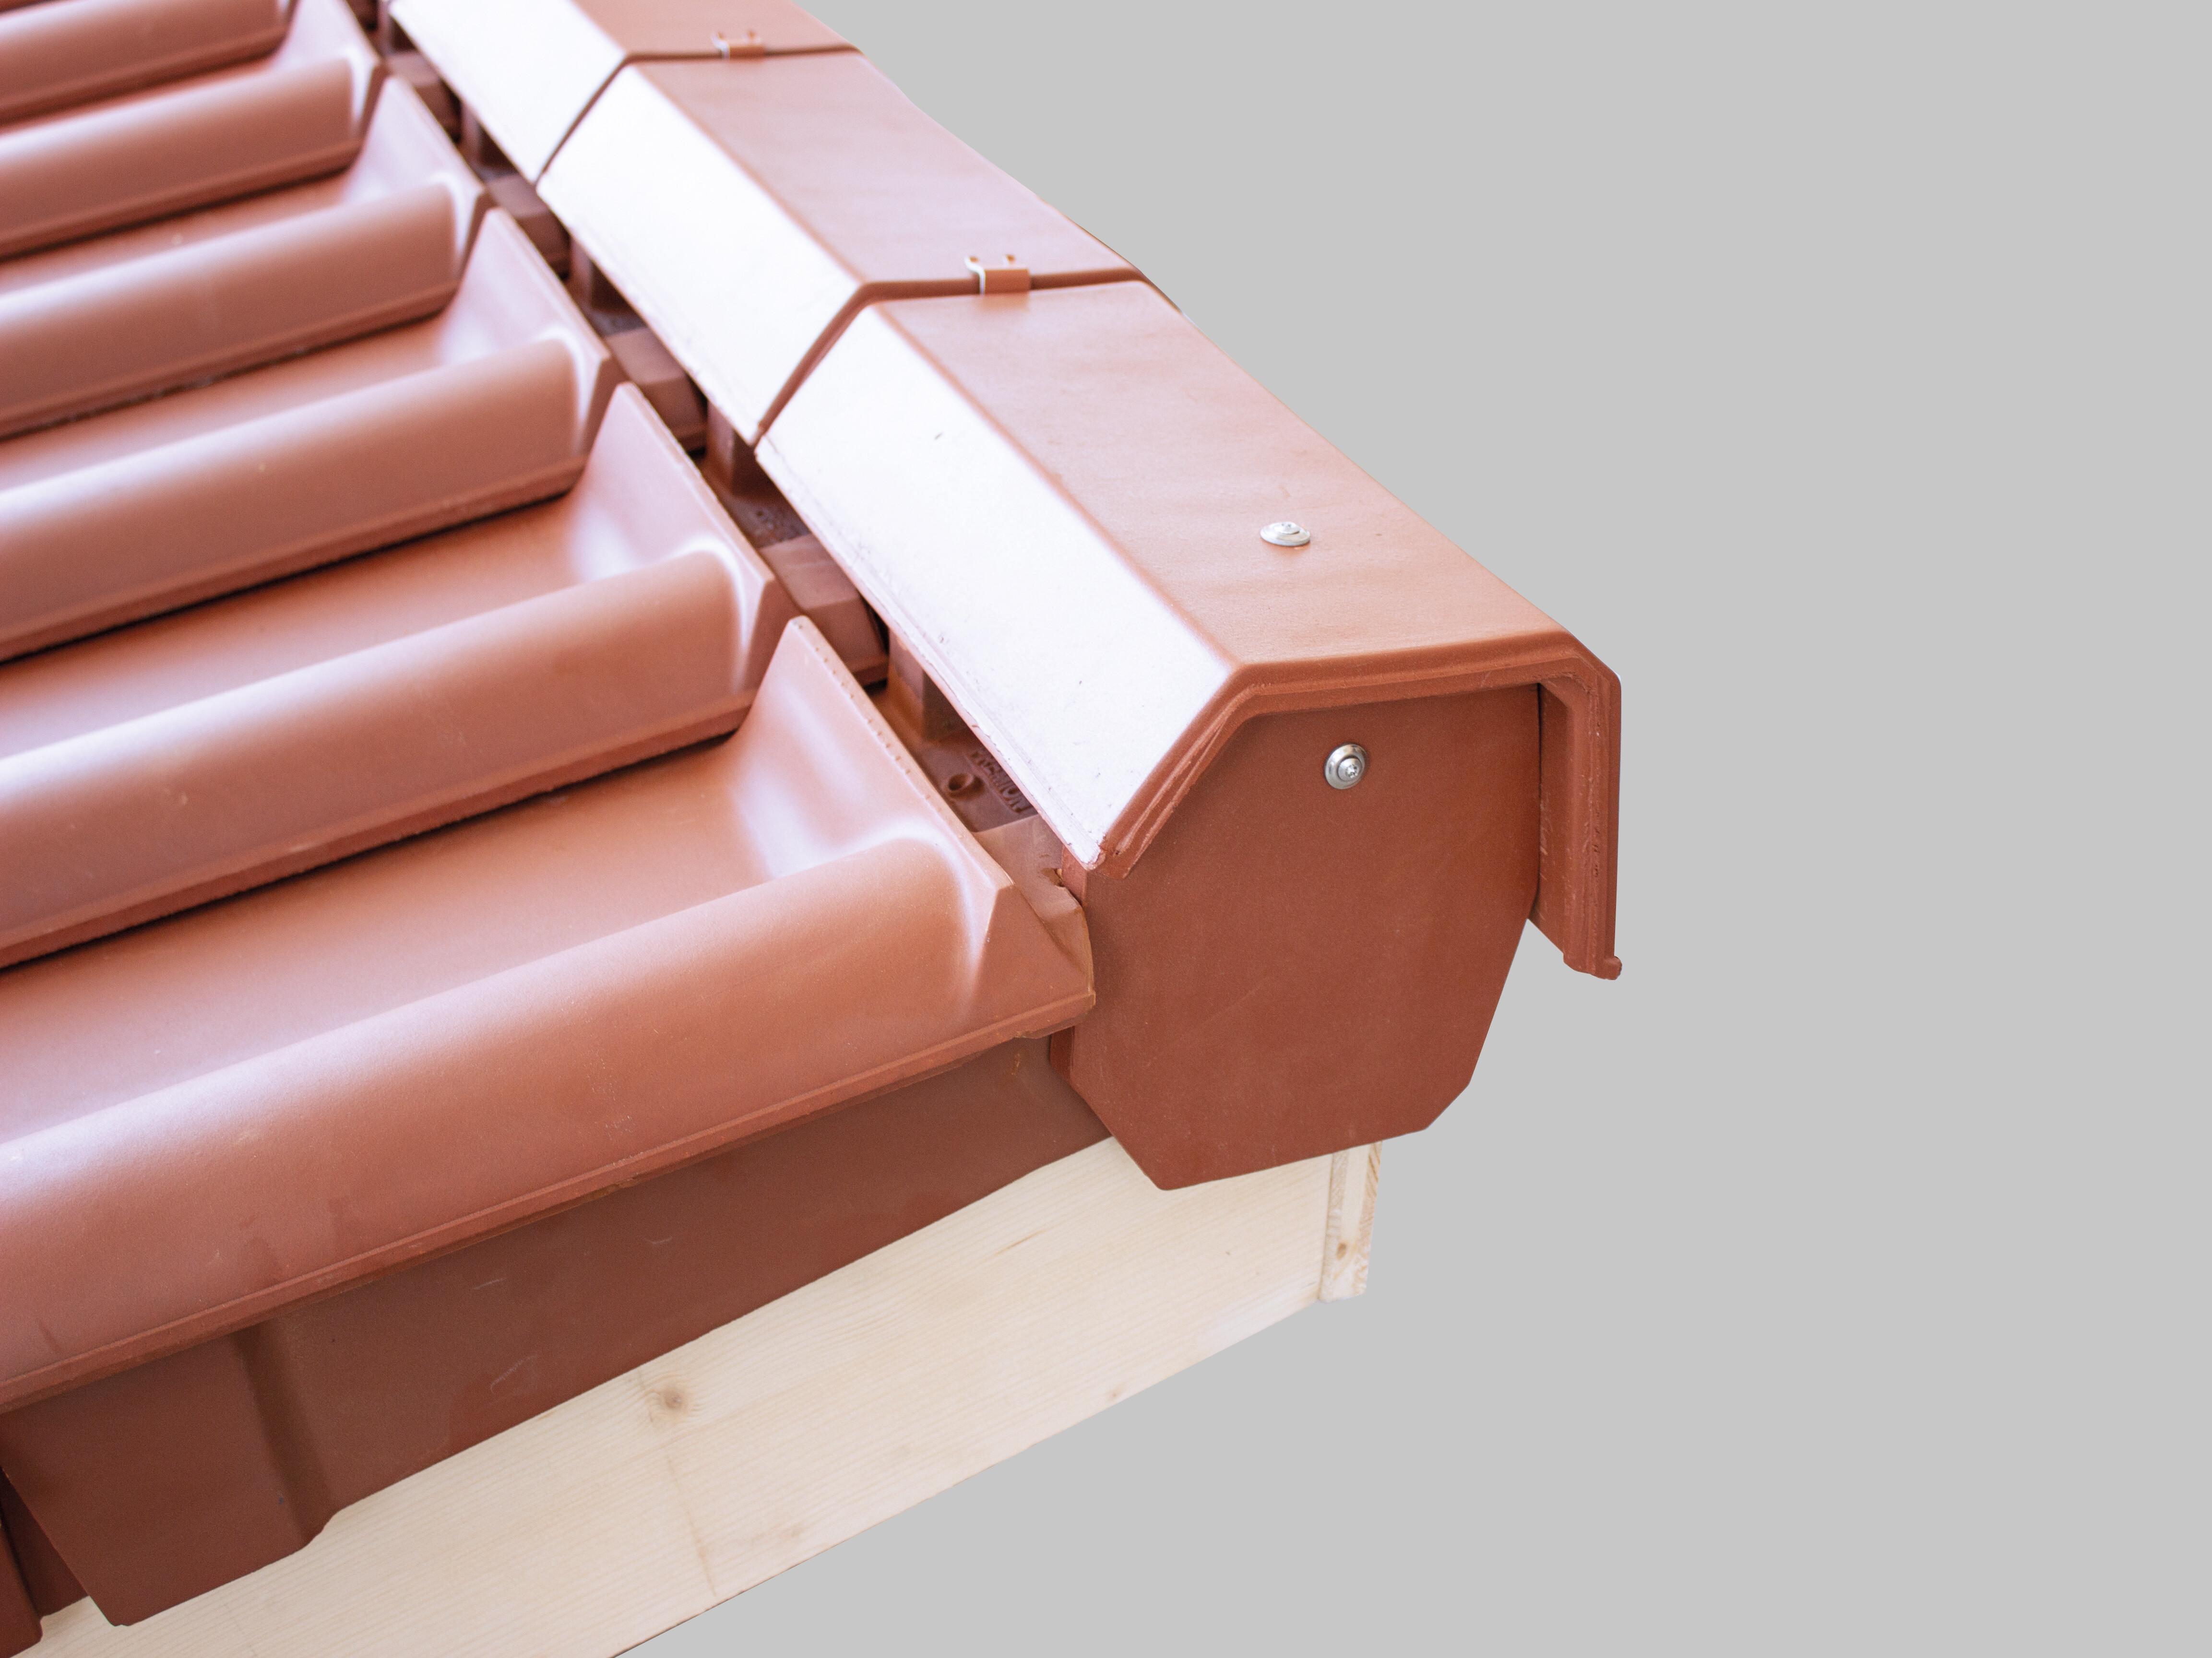 UNI shed roof tile